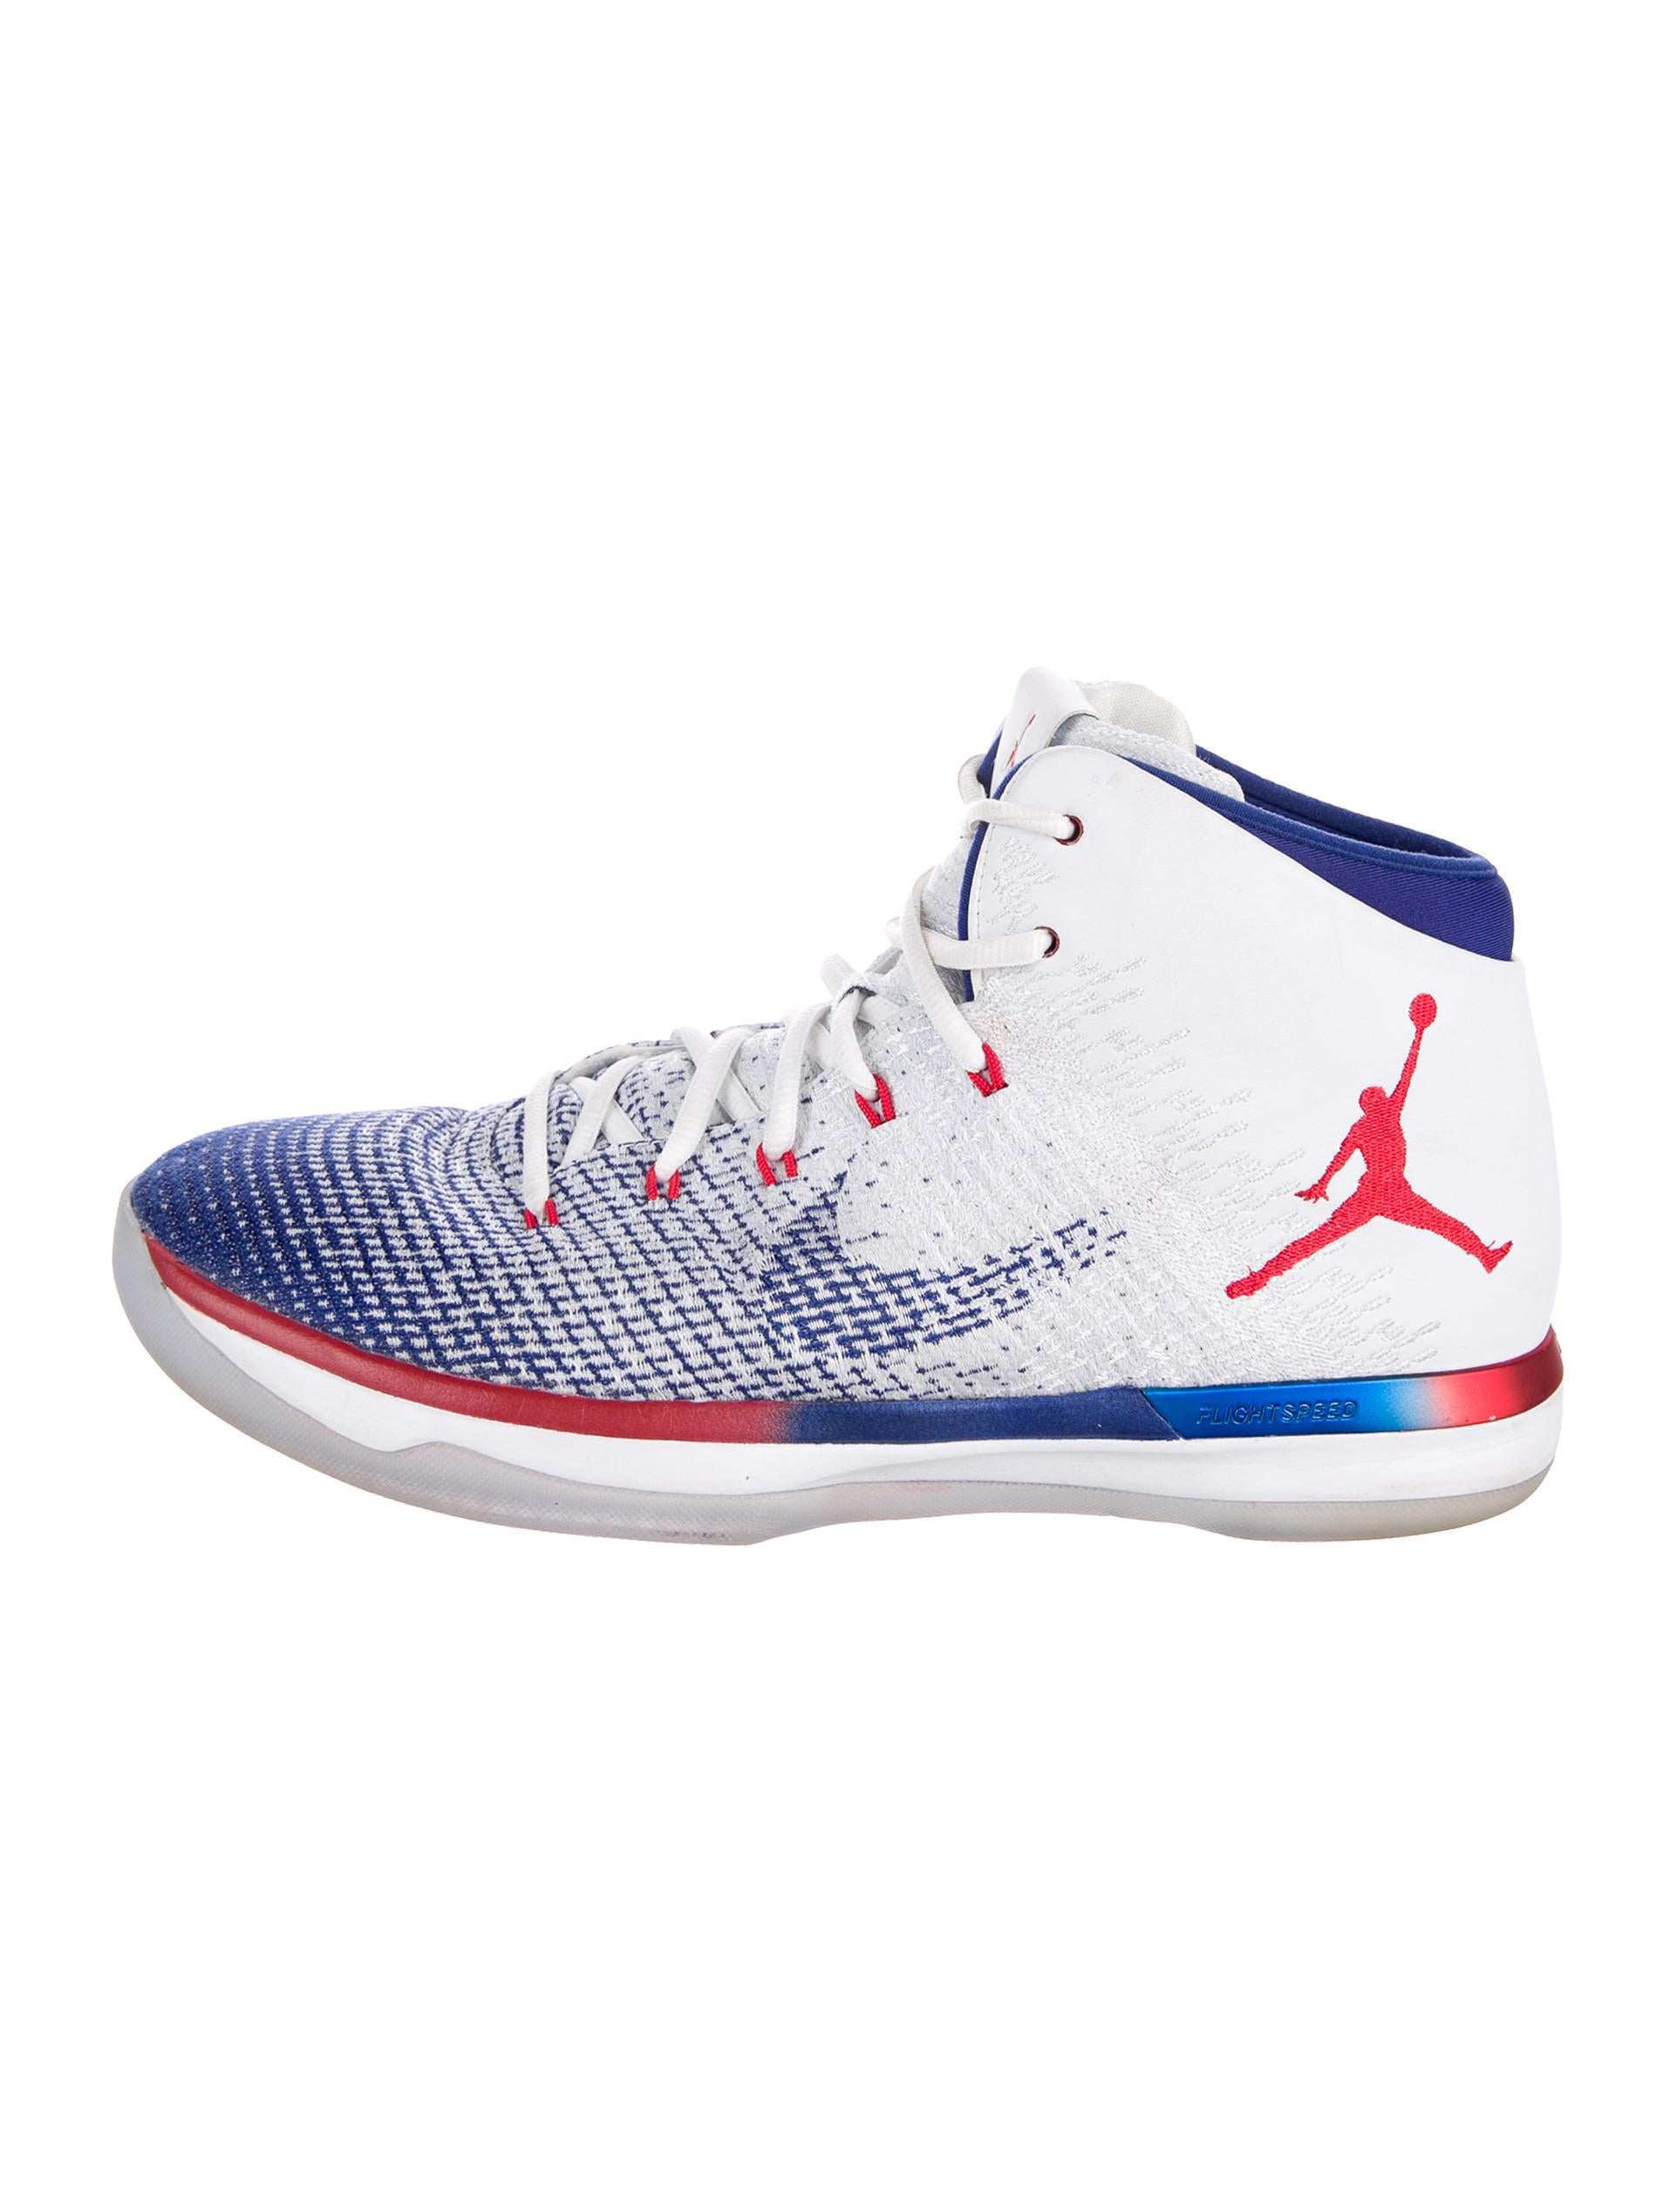 Nike Air Jordan USA Olympic Sneakers - Shoes